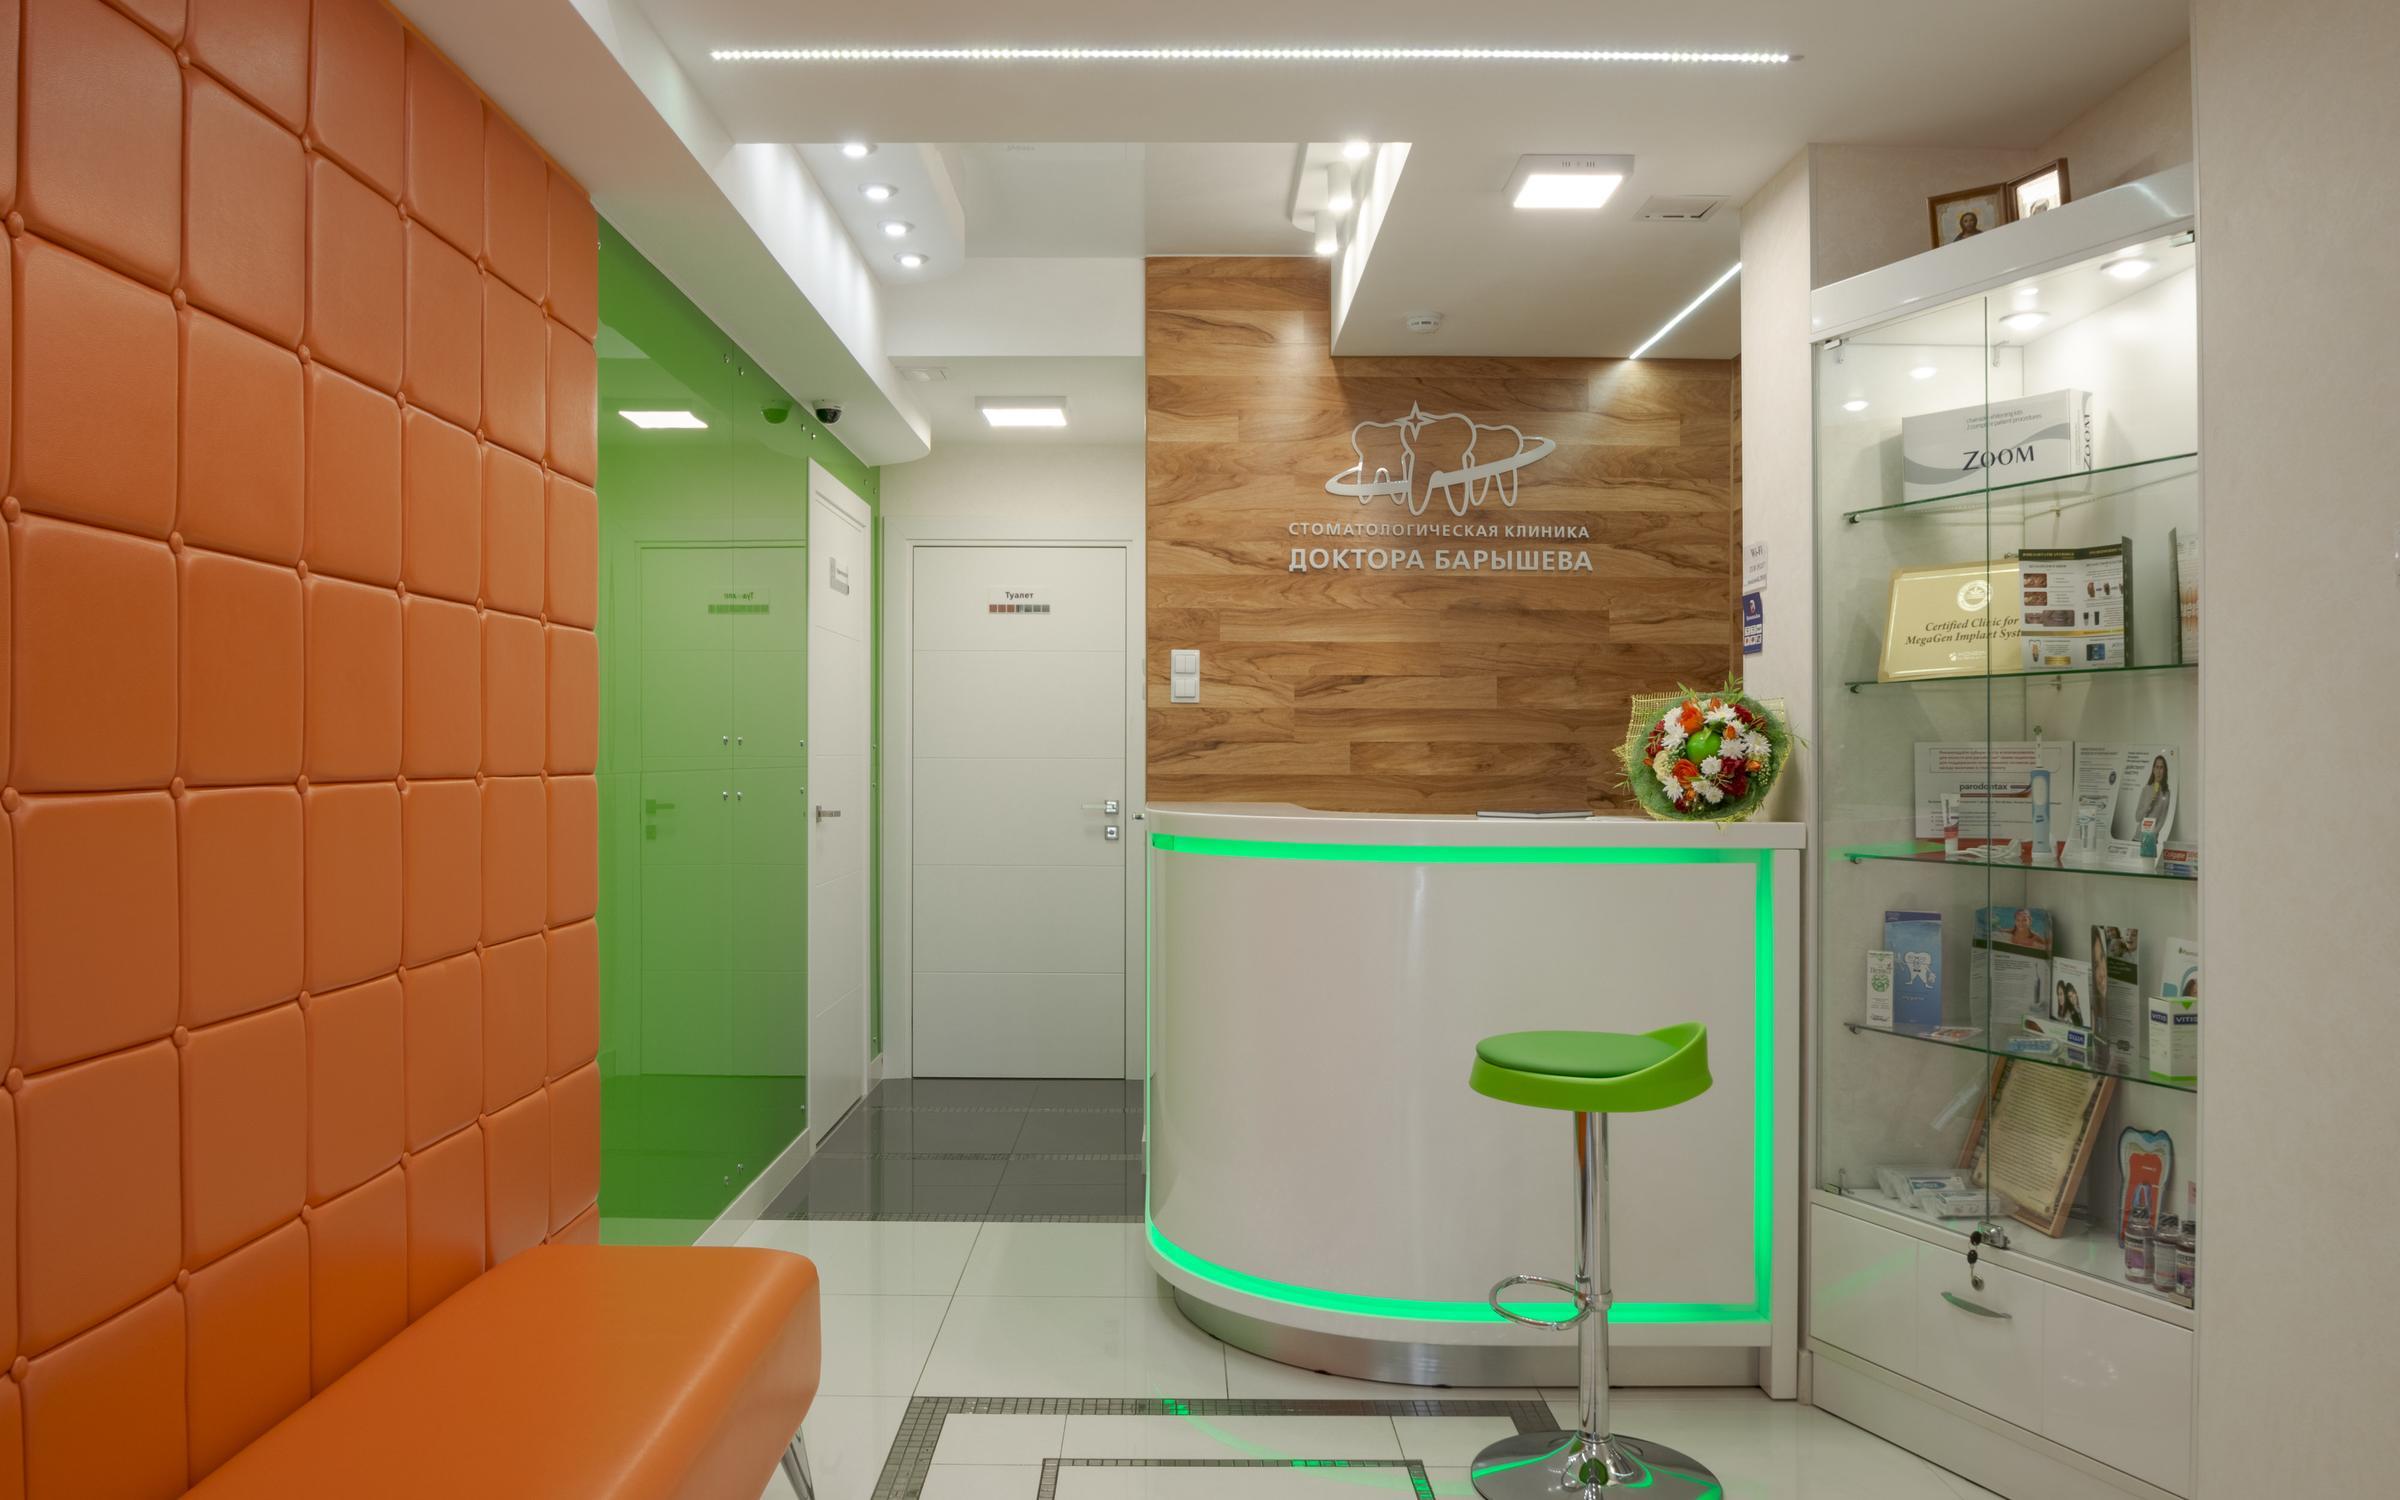 фотография Стоматологической клиники доктора Барышева на Московском шоссе